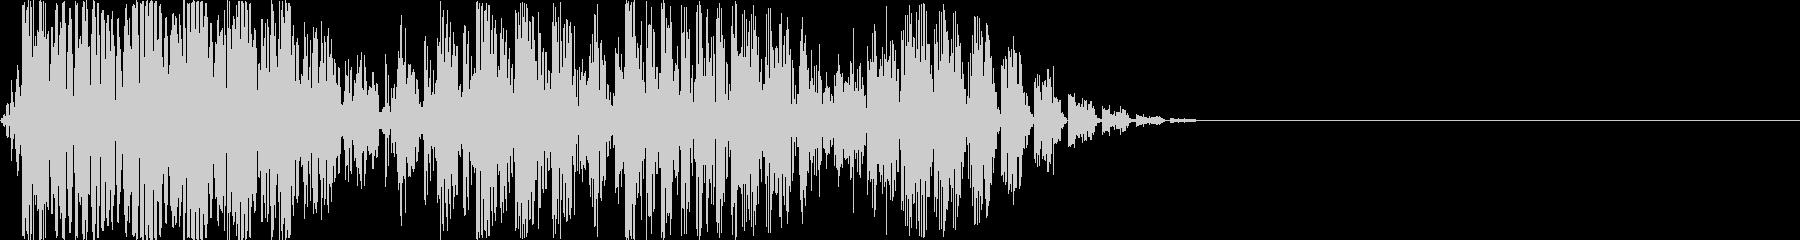 ロボ音 ボワッ Acid音の未再生の波形